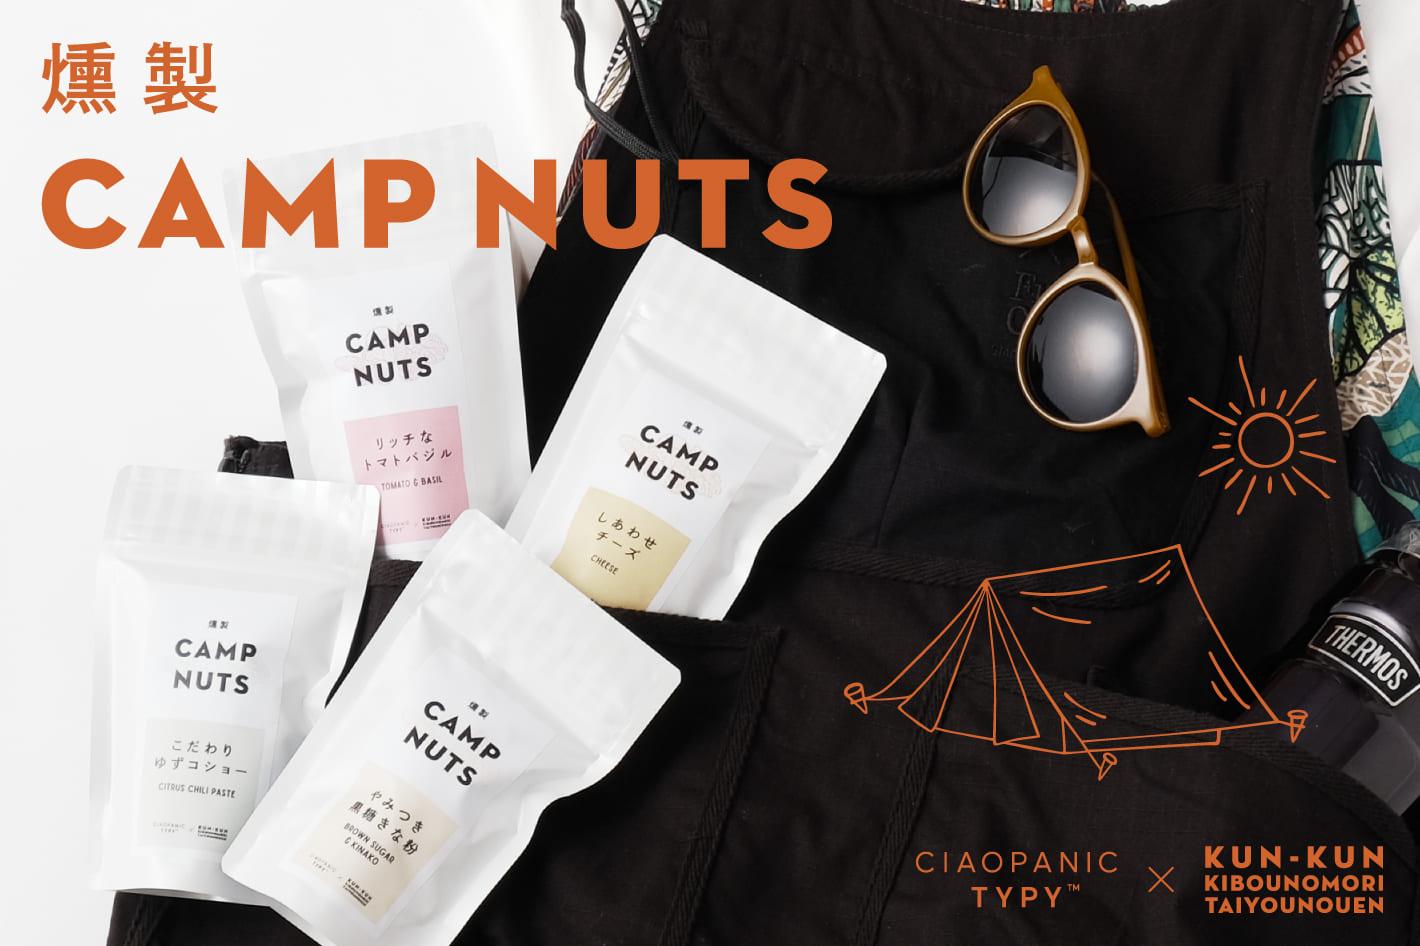 CIAOPANIC TYPY CIAOPANIC TYPYから アウトドアシーンにぴったりな【燻製CAMP NUTS】が登場!!